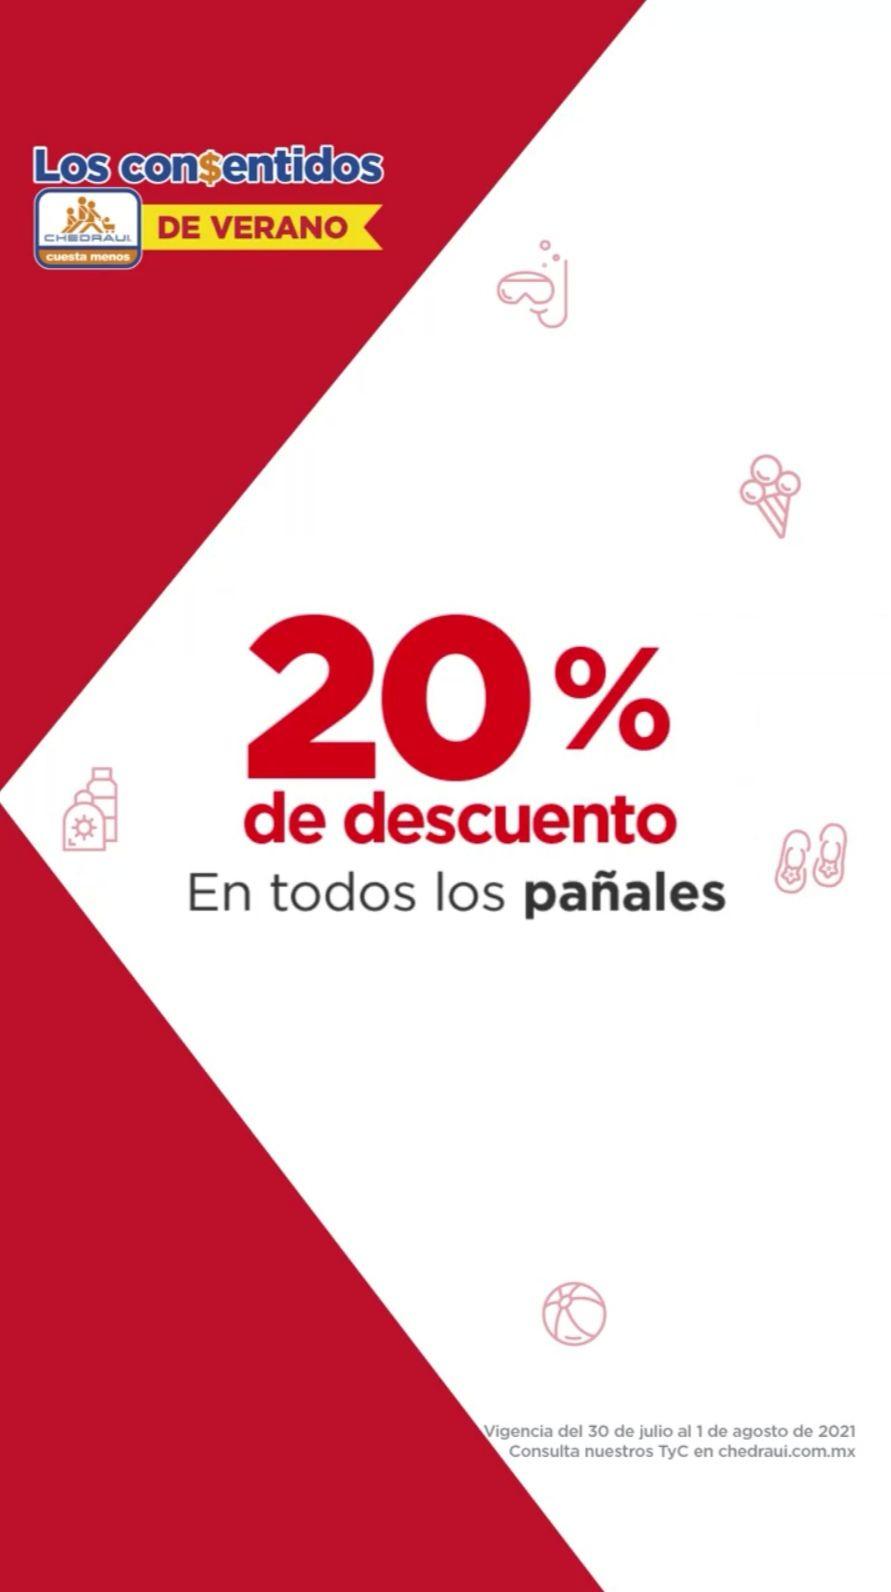 Chedraui: 20% de descuento en todos los pañales